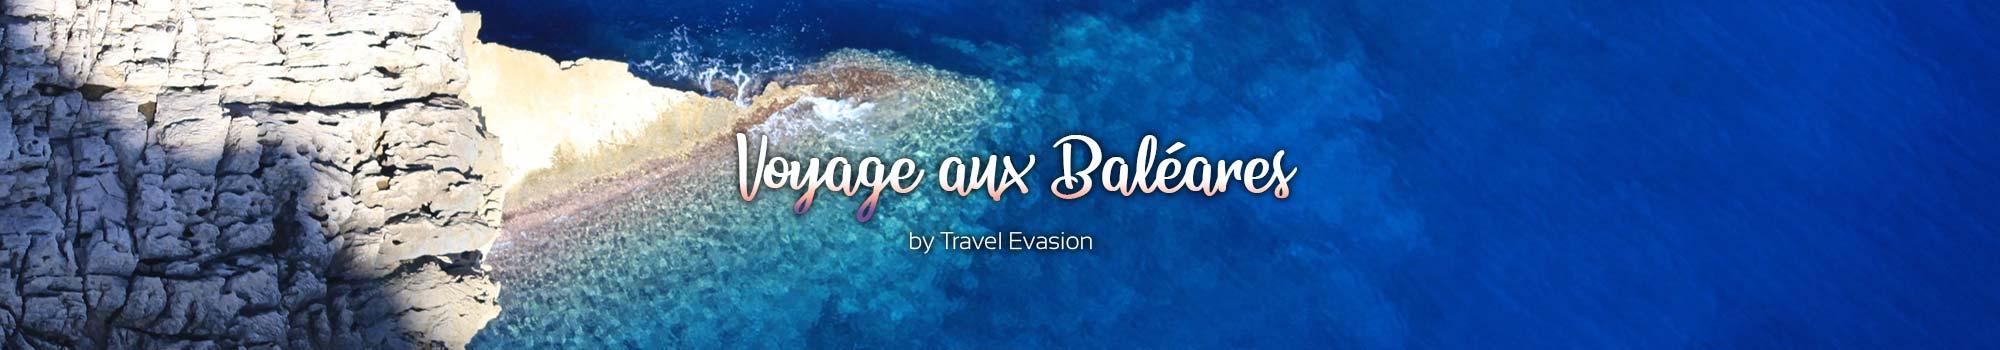 Voyage aux Baléares, Voyage à Majorque pas cher de Travel Evasion